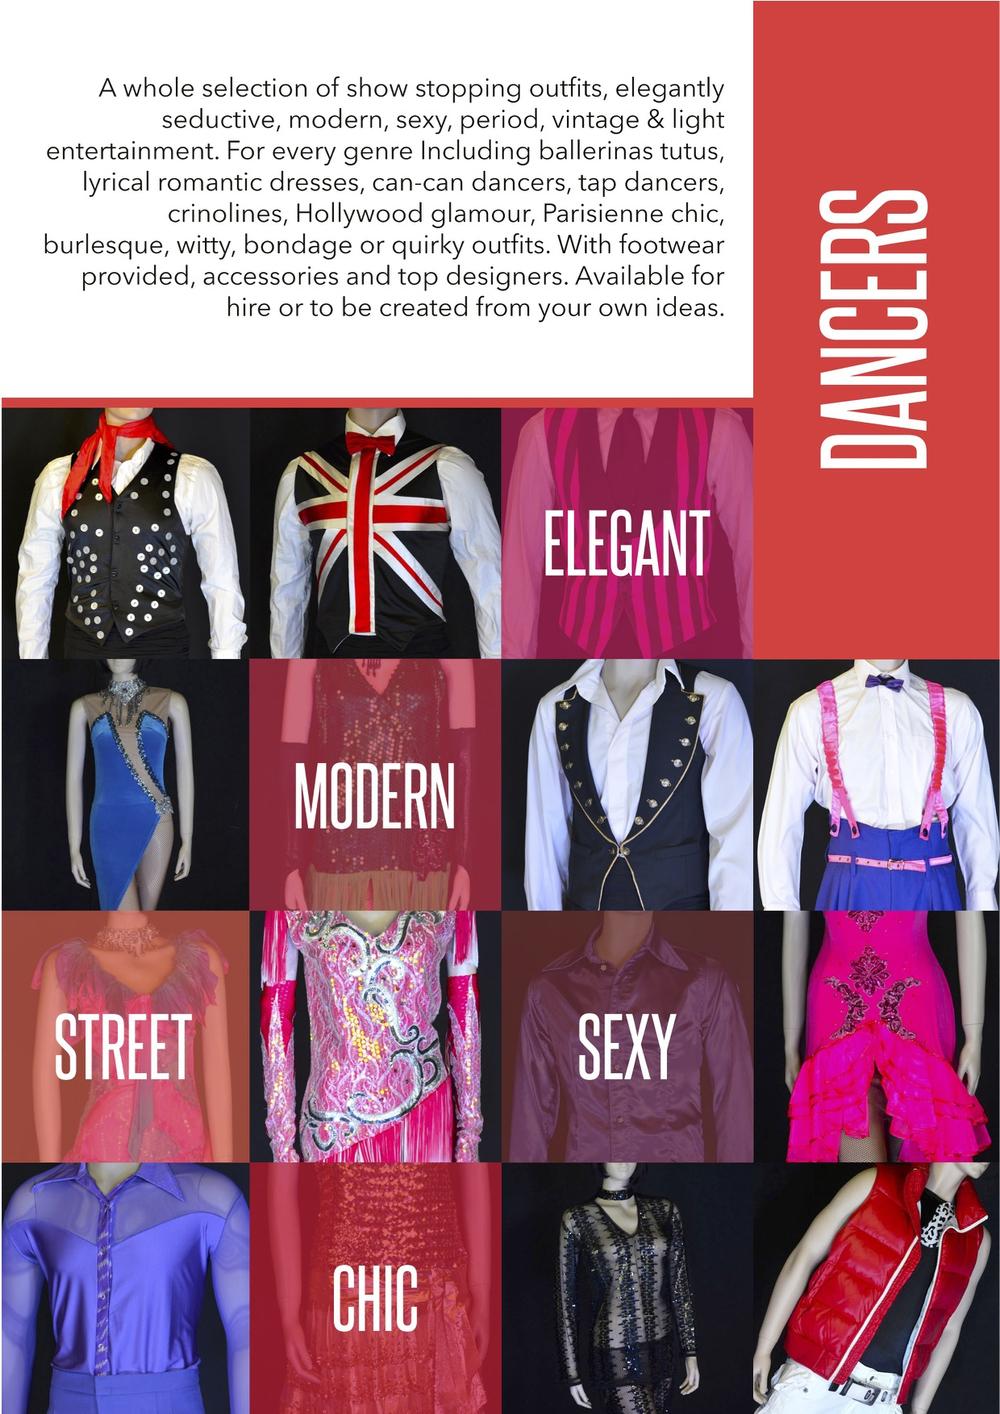 AJ Costume Brochure Pink 6.jpg